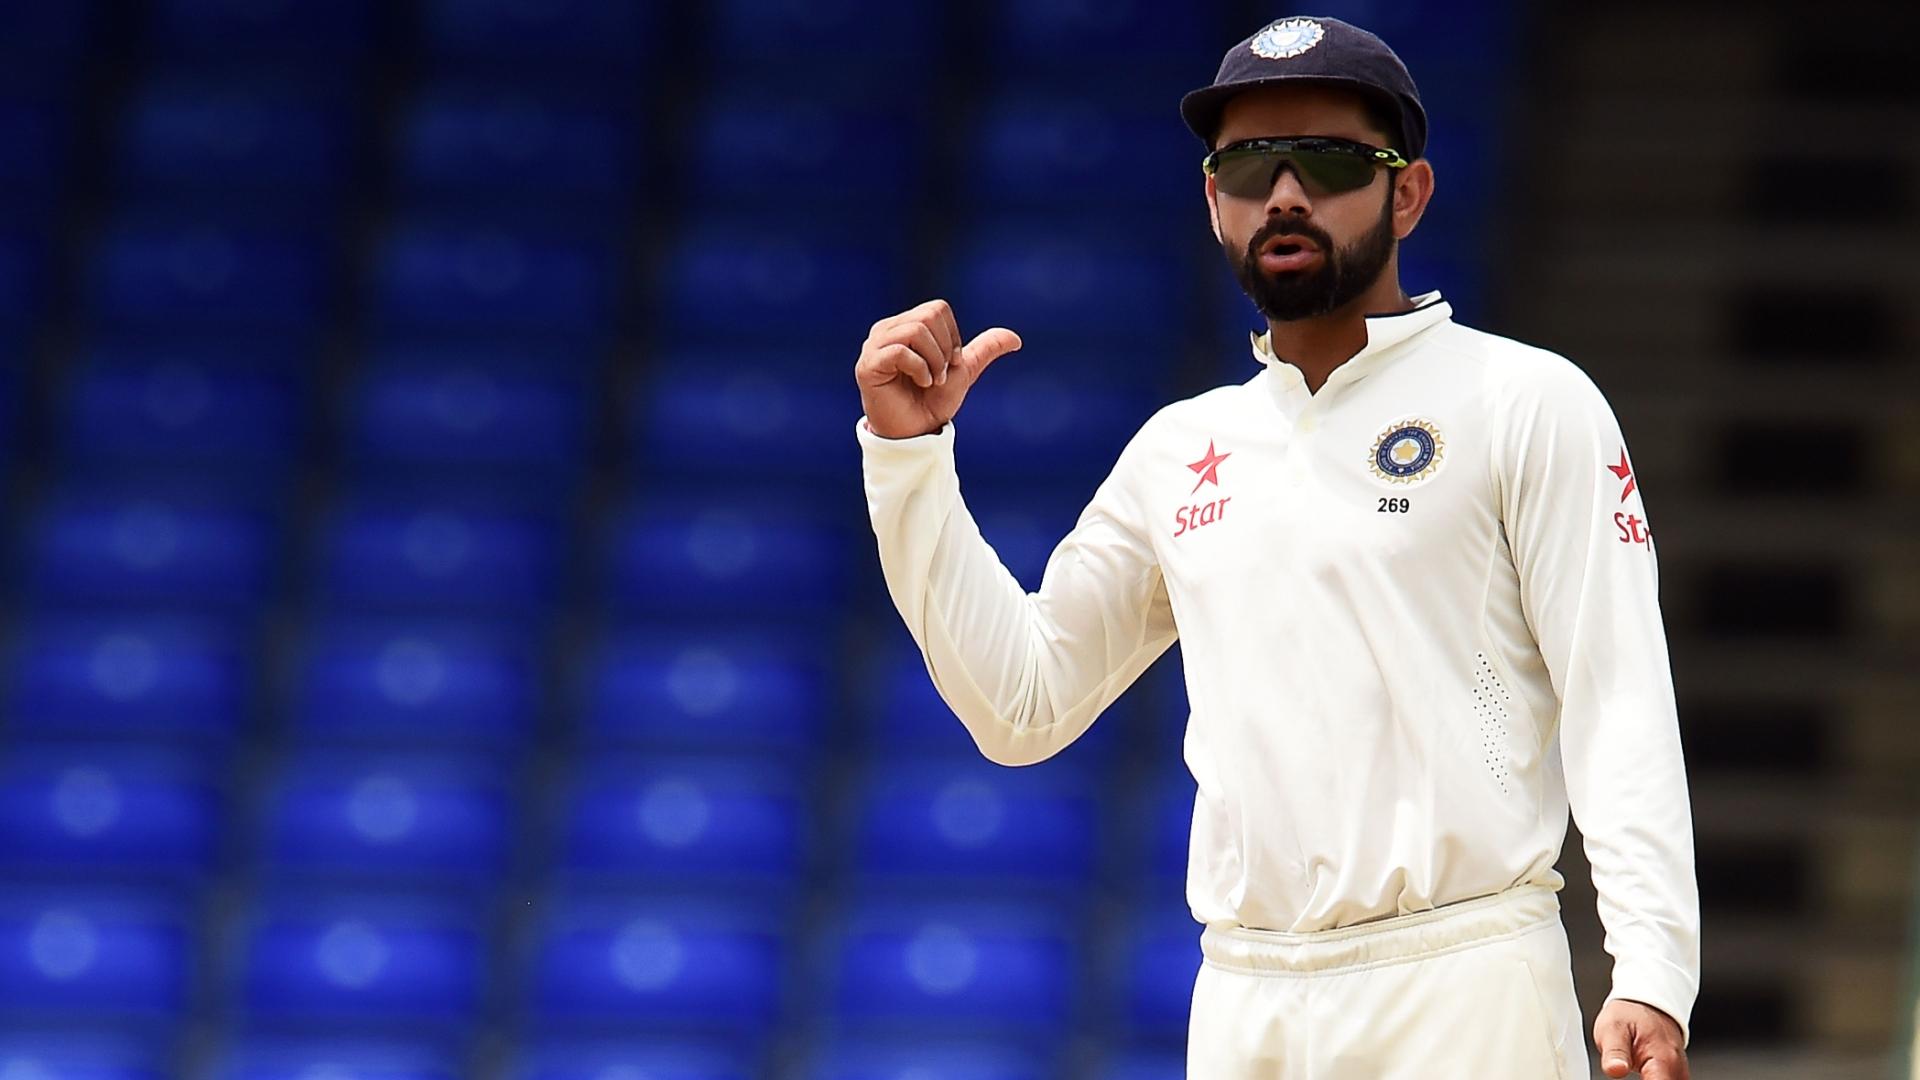 शर्मनाक: स्टीव स्मिथ को आउट न दिए जाने के बाद भड़के भारतीय कप्तान किया अपशब्दों का प्रयोग 10